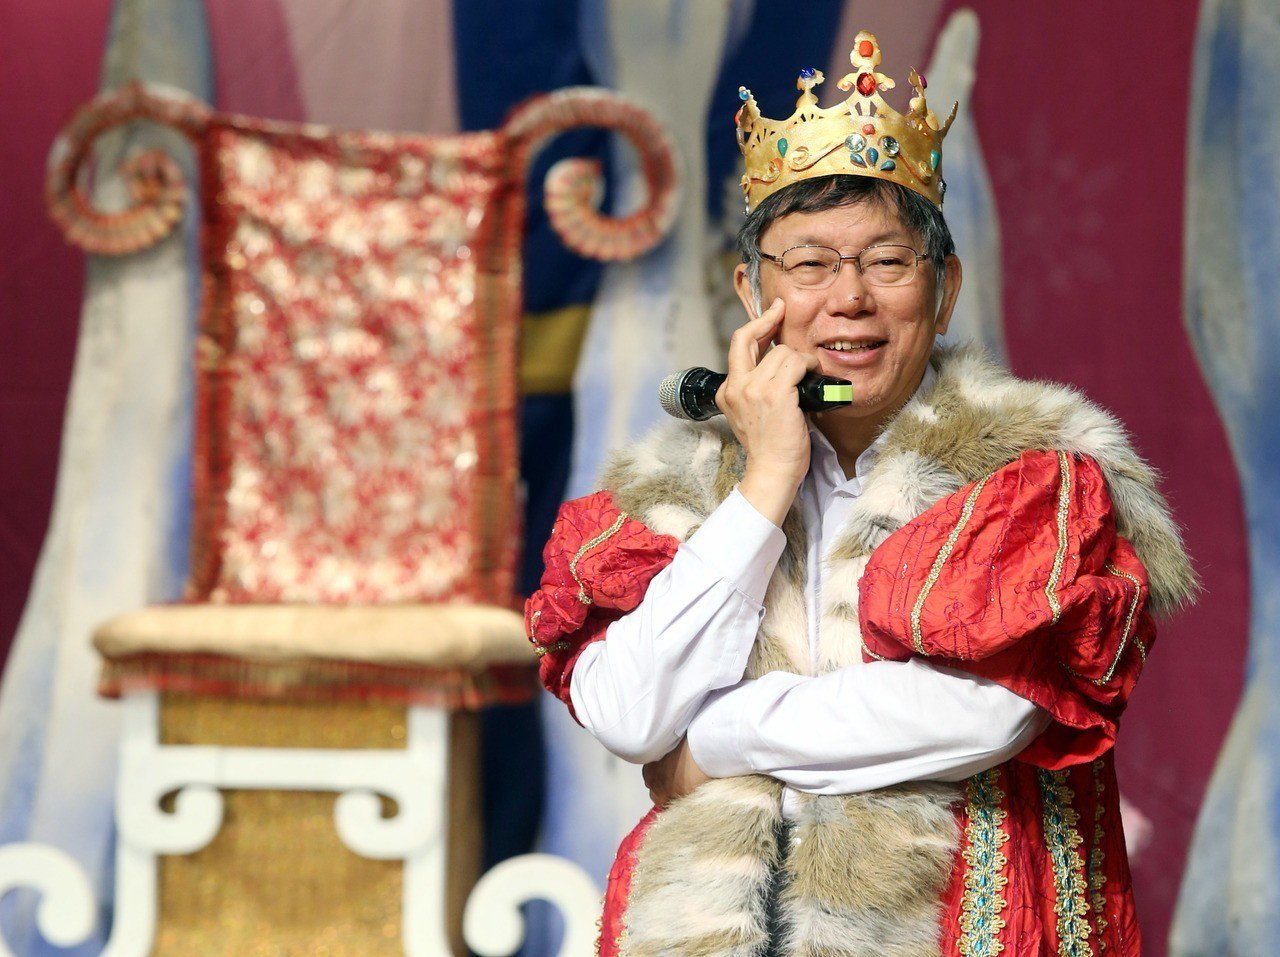 柯文哲參加兒童節慶祝活動,扮成國王和小朋友一起歡樂。 圖/聯合報系資料照片